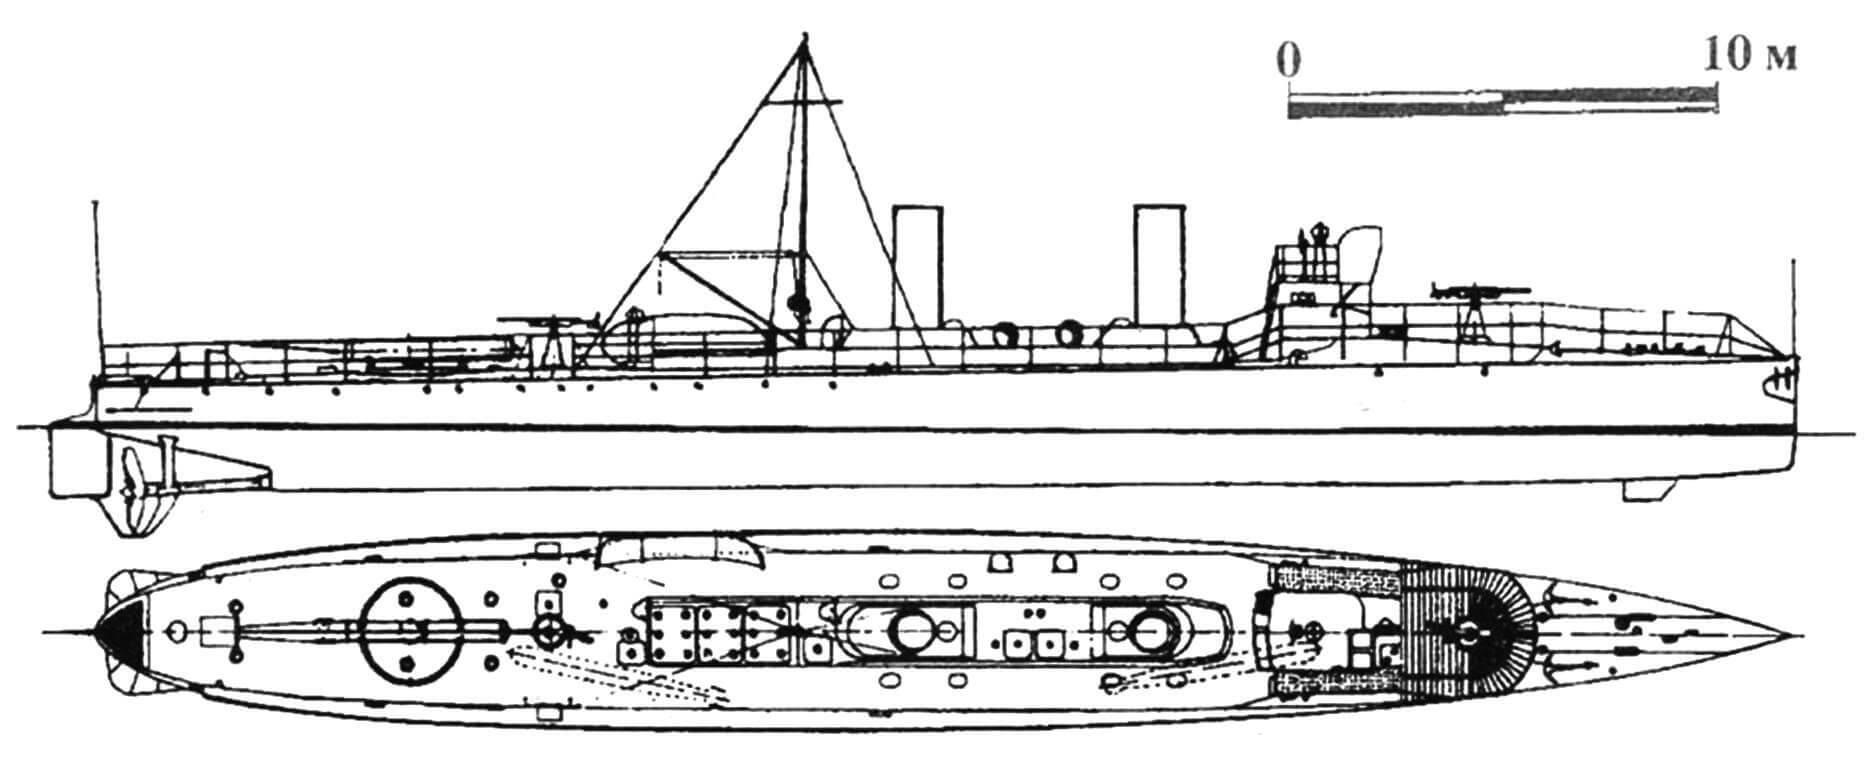 91. Миноносец «Персеус», Швеция, 1906 г. Строился на госверфи в Карлскроне. Водоизмещение нормальное 100 т, полное 120 т. Длина наибольшая 40,2 м, ширина 4,45 м, осадка 2,15 м. Мощность двухвальной паросиловой установки 2000 л.с., скорость на испытаниях 26 узлов. Вооружение: два торпедных аппарата, две 37-мм пушки. Всего построено 16 единиц: «Плейяд», «Кастор», «Поллукс», «Астрея», «Спика», «Ирис», «Тетис», «Вега», «Альтаир», «Арго», «Антарес», «Арктурус», «Персеус», «Поларис», «Регулус» и «Ригель», вошедшие в строй в 1906 — 1910 гг. С 1928 г. — патрульные суда. Исключены из списков вскоре после окончания Второй мировой войны.